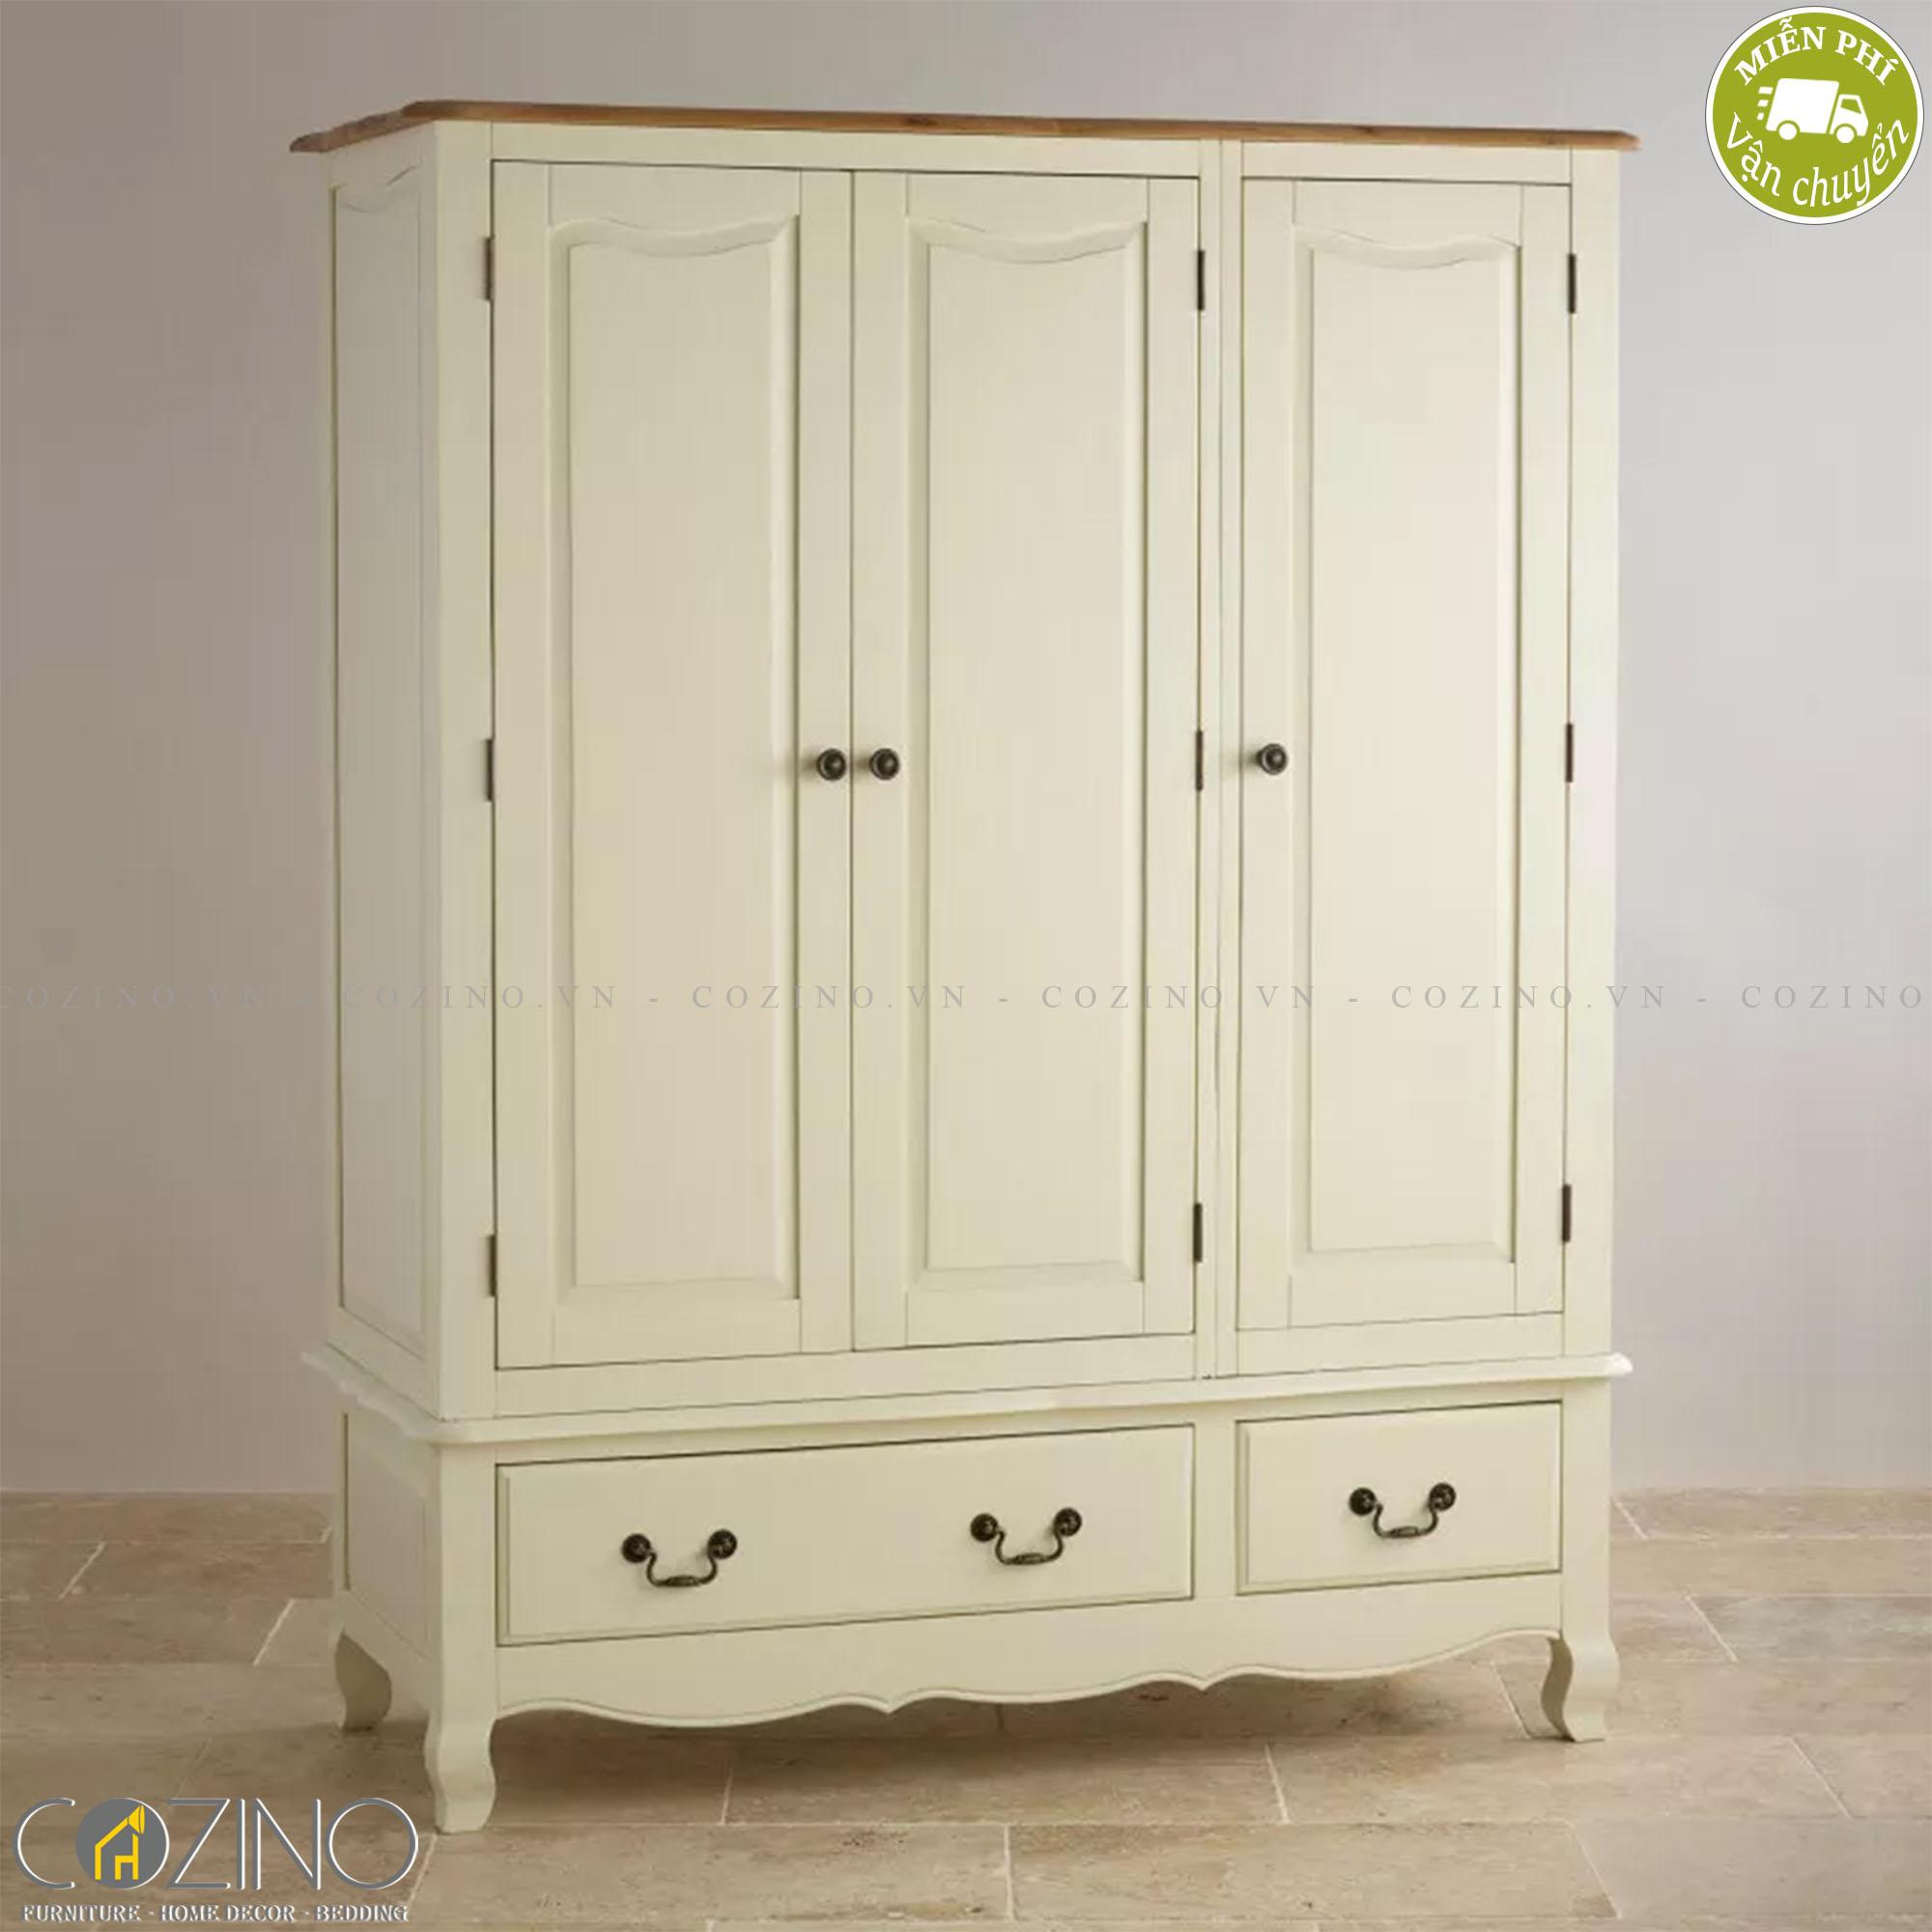 Tủ quần áo Skye 3 cánh 2 ngăn kéo gỗ sồi 1m8 - Cozino